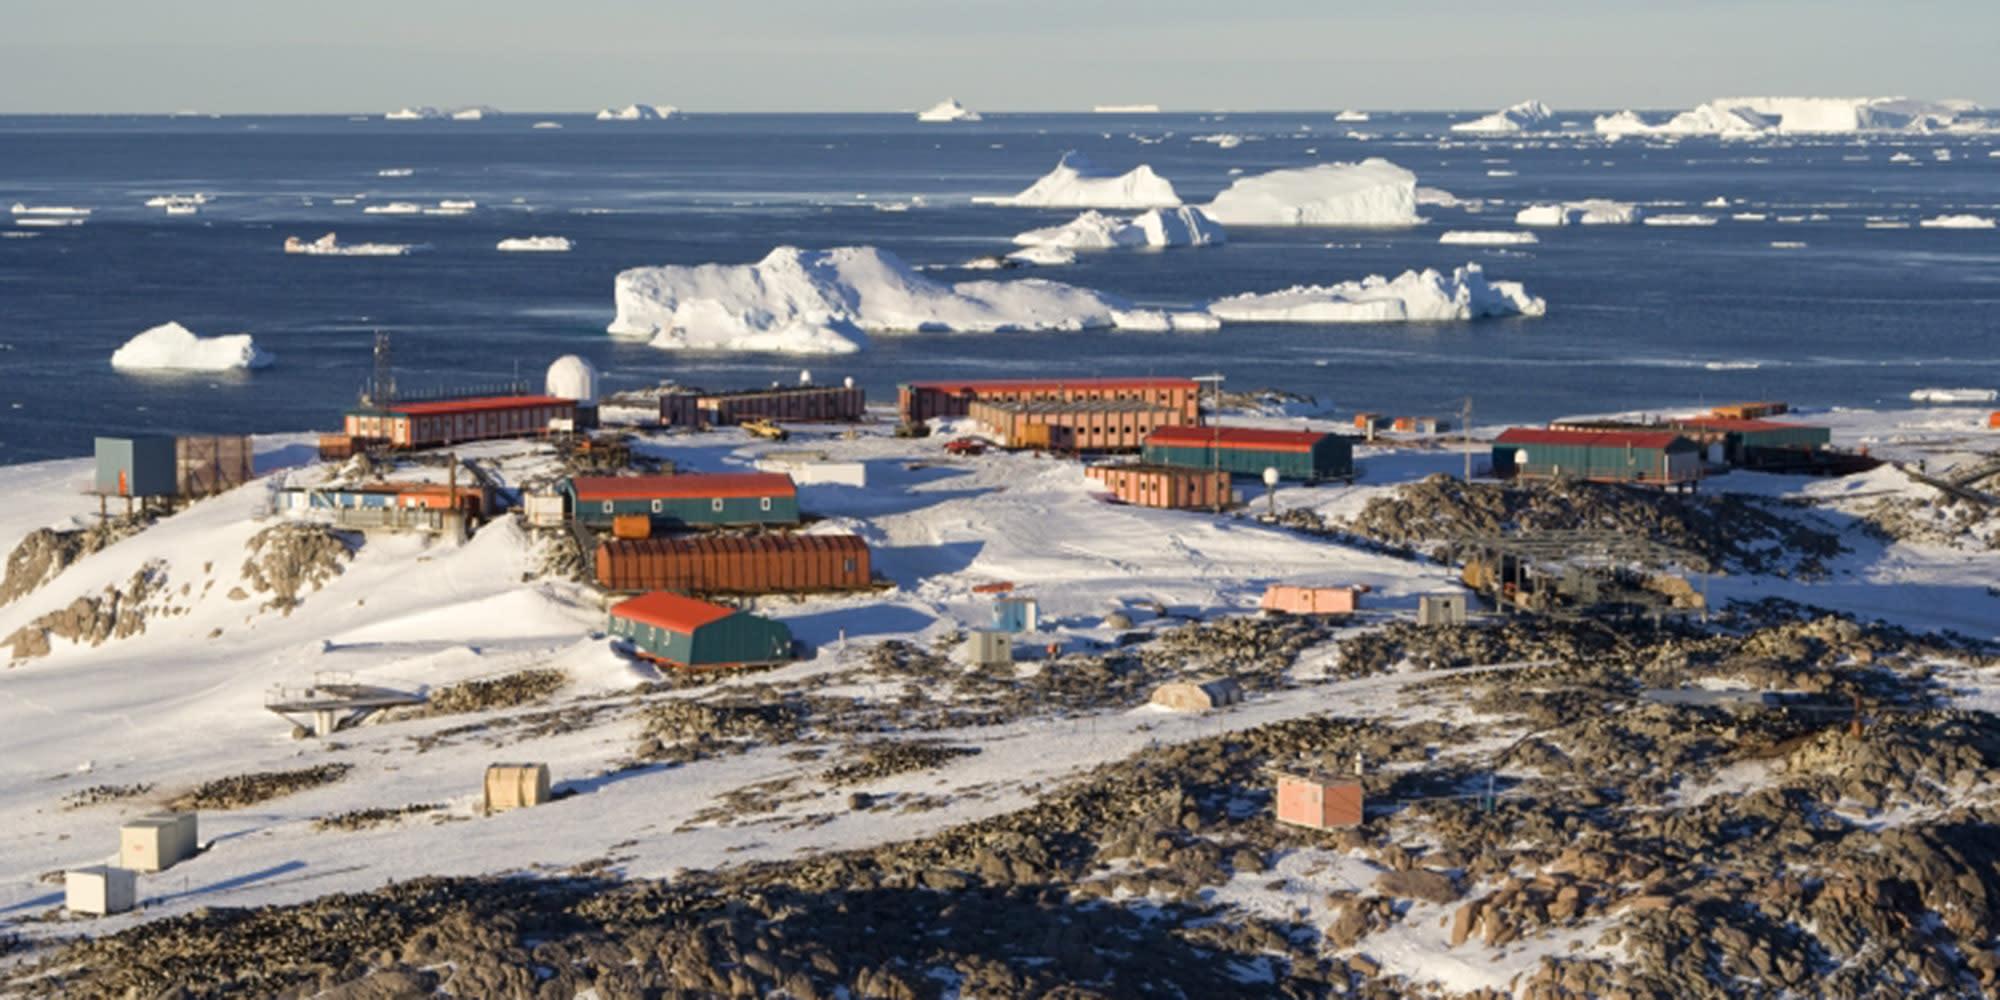 En Antarctique, la base polaire française Dumont d'Urville va être rénovée